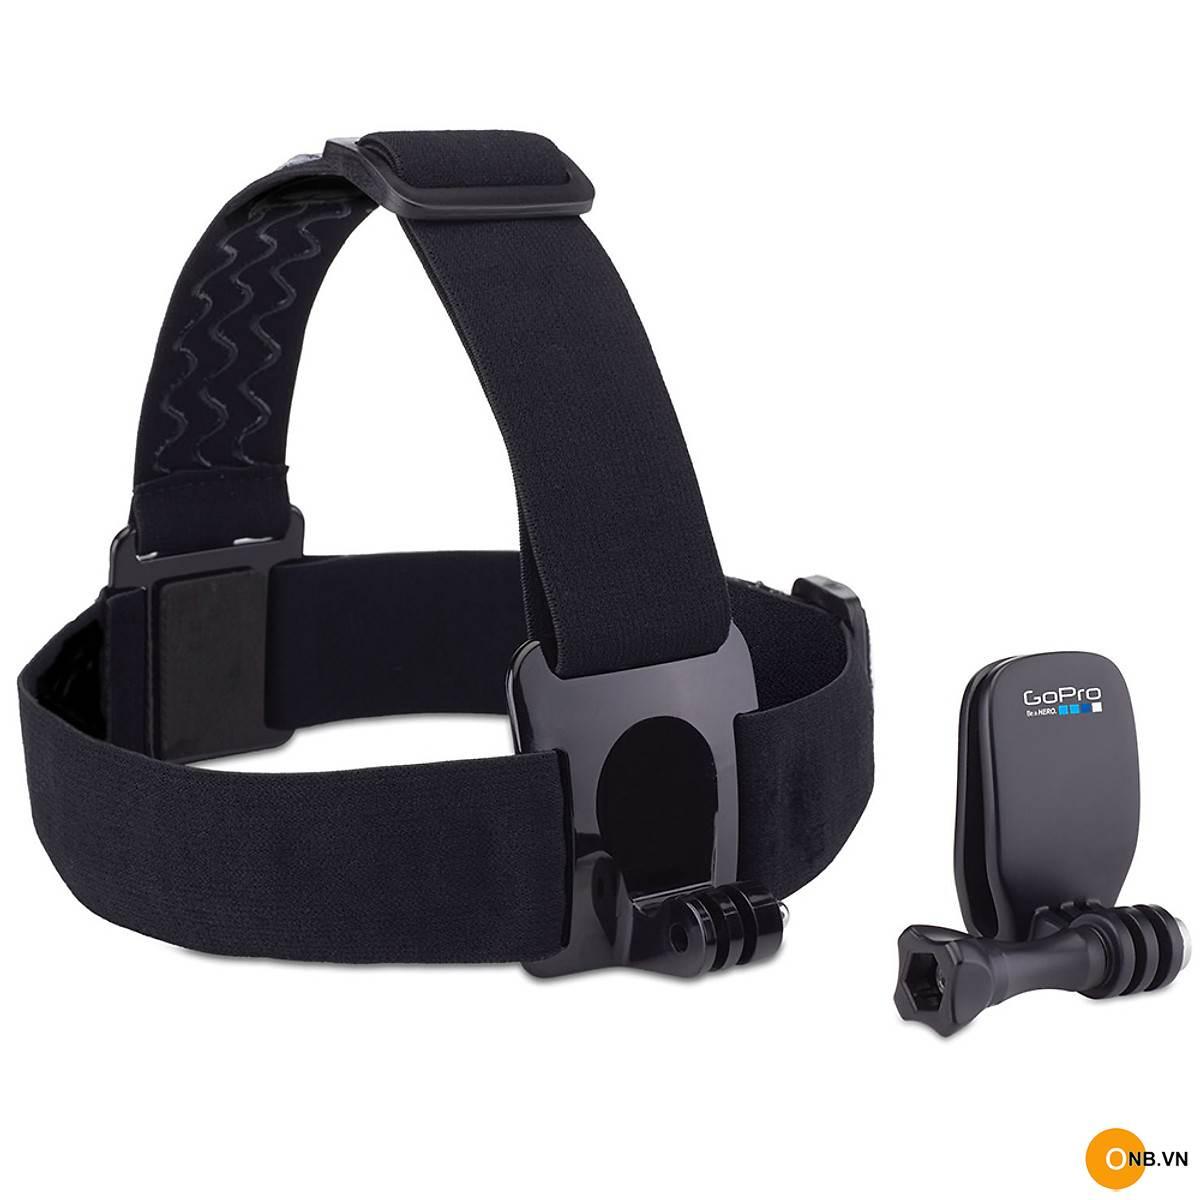 Gopro Head Strap and Quickclip - Dây đeo đầu Gopro chính hãng